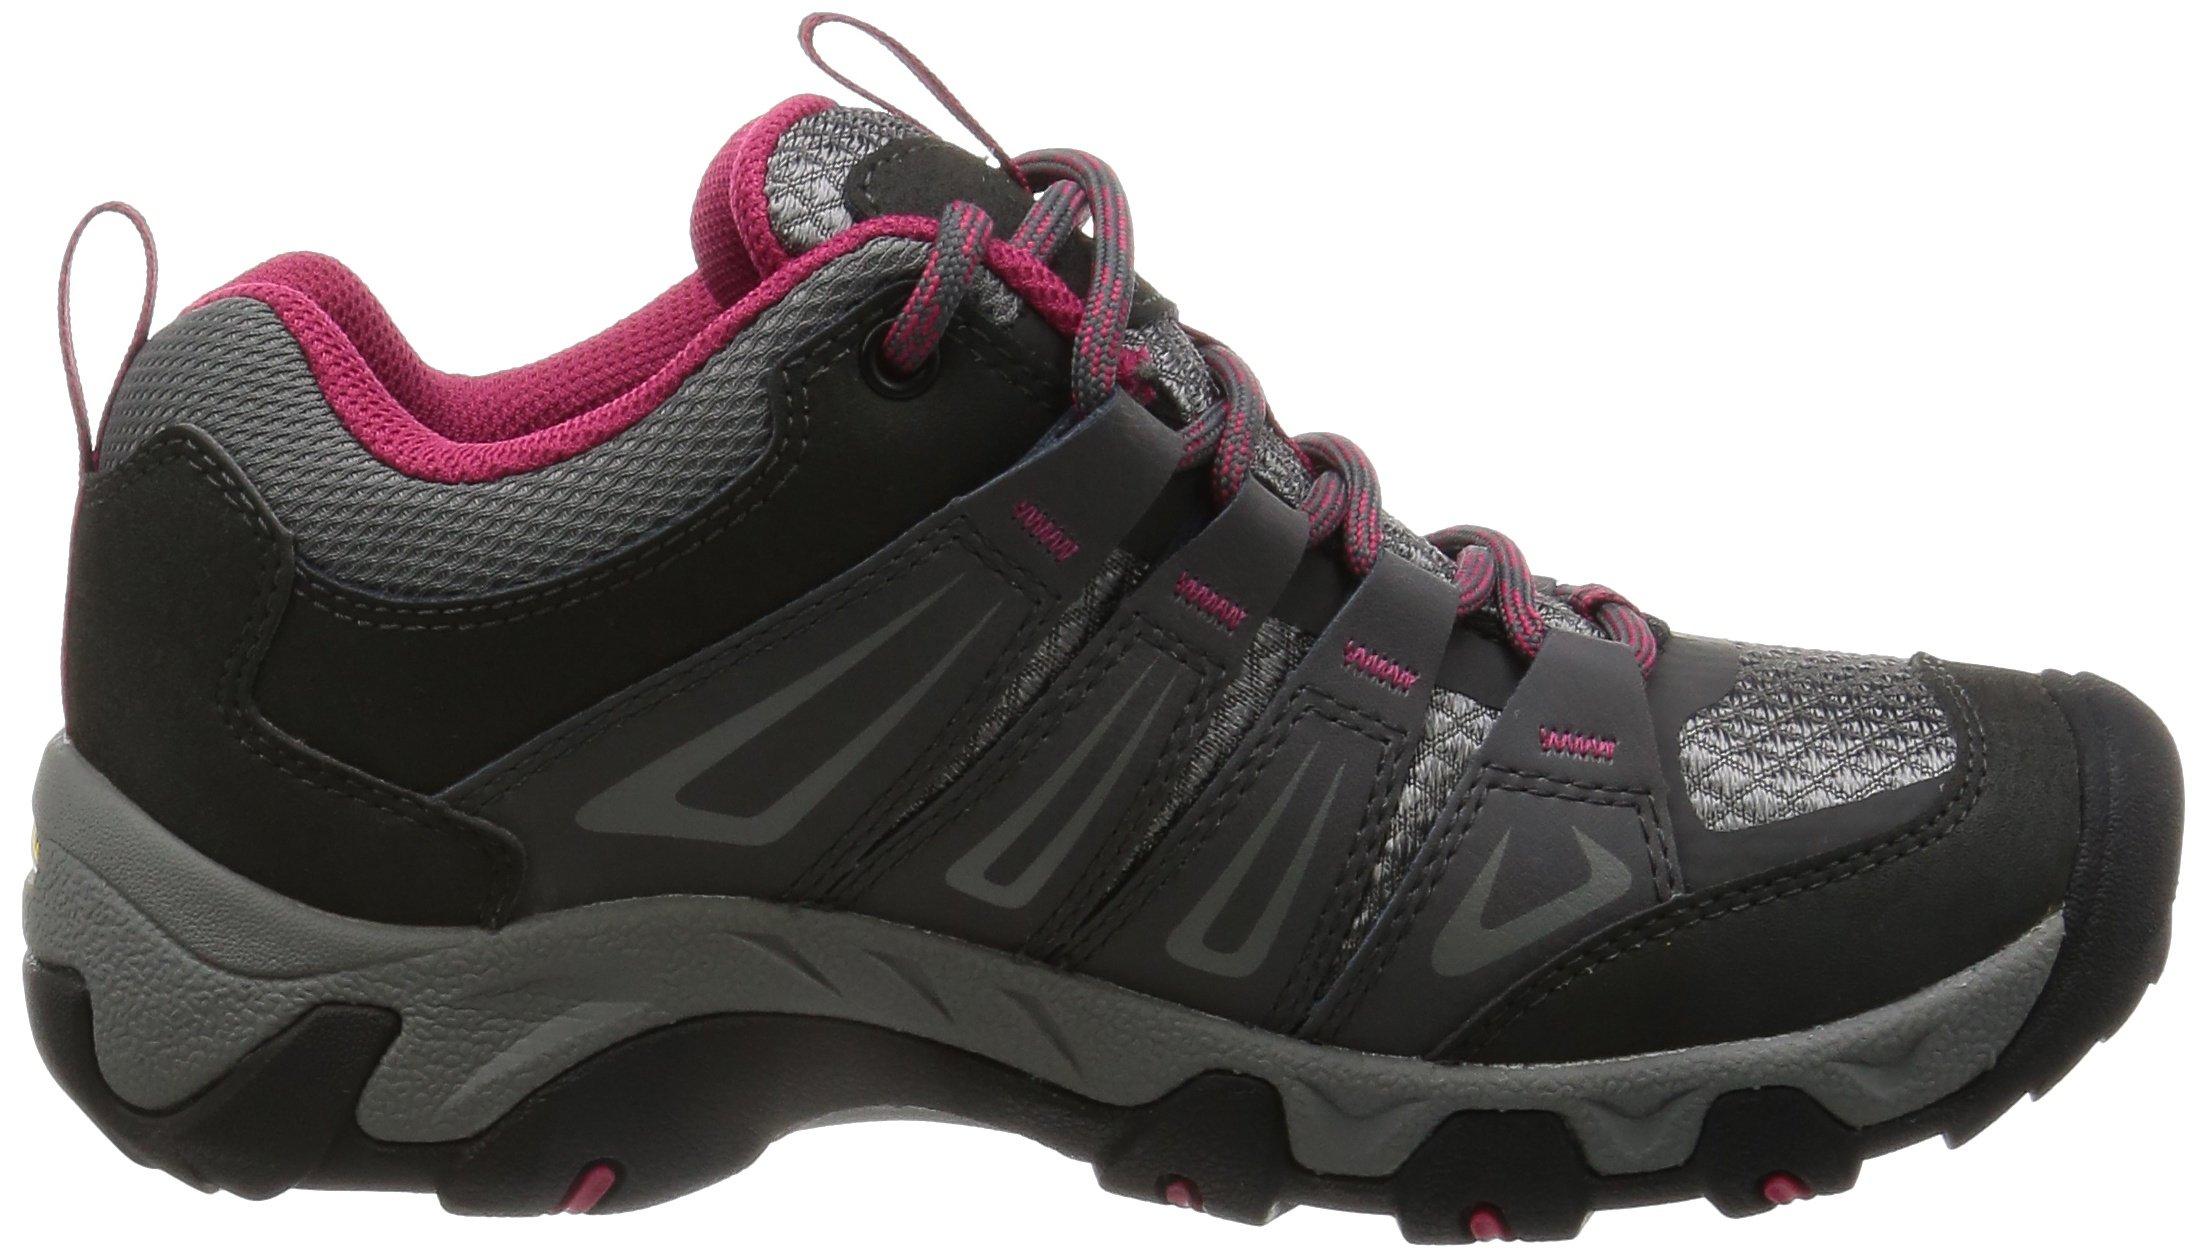 KEEN Women's Oakridge Wp Low Rise Hiking Shoes 7